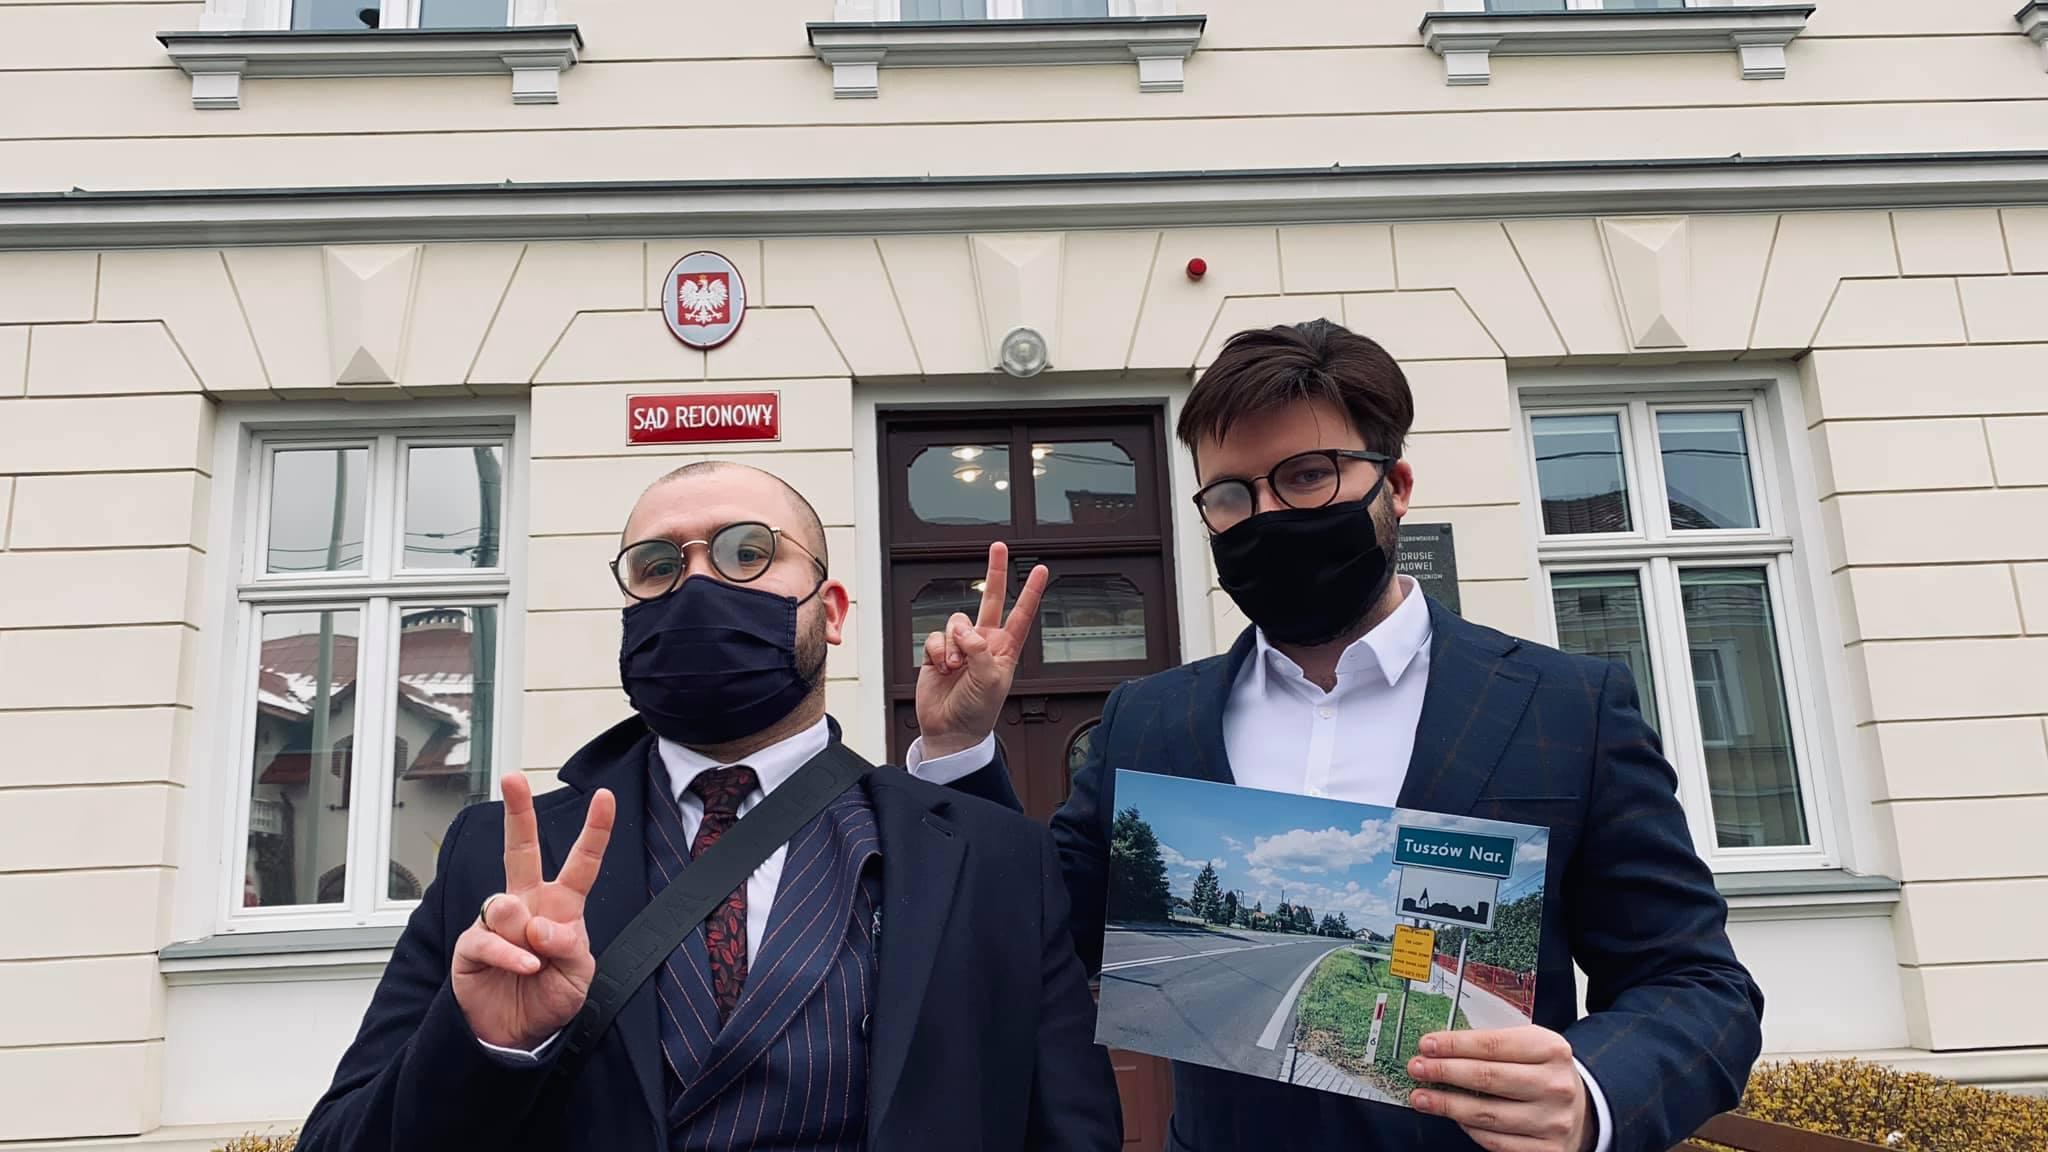 Sąd Rejonowy w Mielcu: Bart Staszewski niewinny - Zdjęcie główne